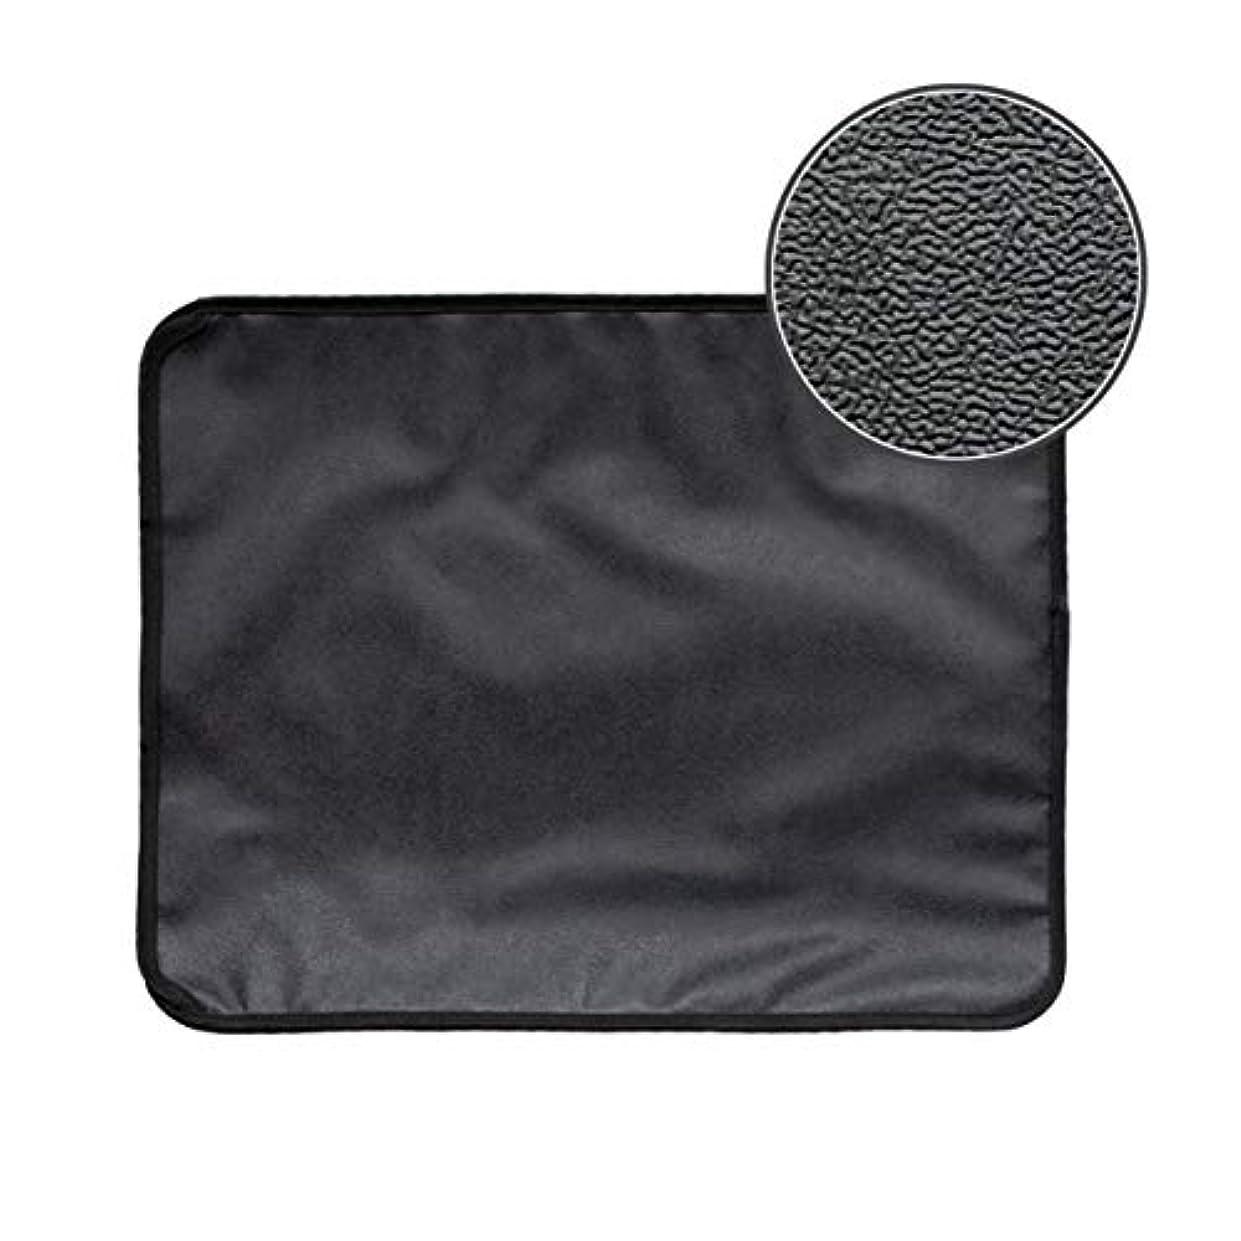 発言する暗いネットSaikogoods 高弾性EVA 防水ボトム層と猫のトイレマット ブラック ダブルレイヤー 猫のトイレトラッパーマット 黒